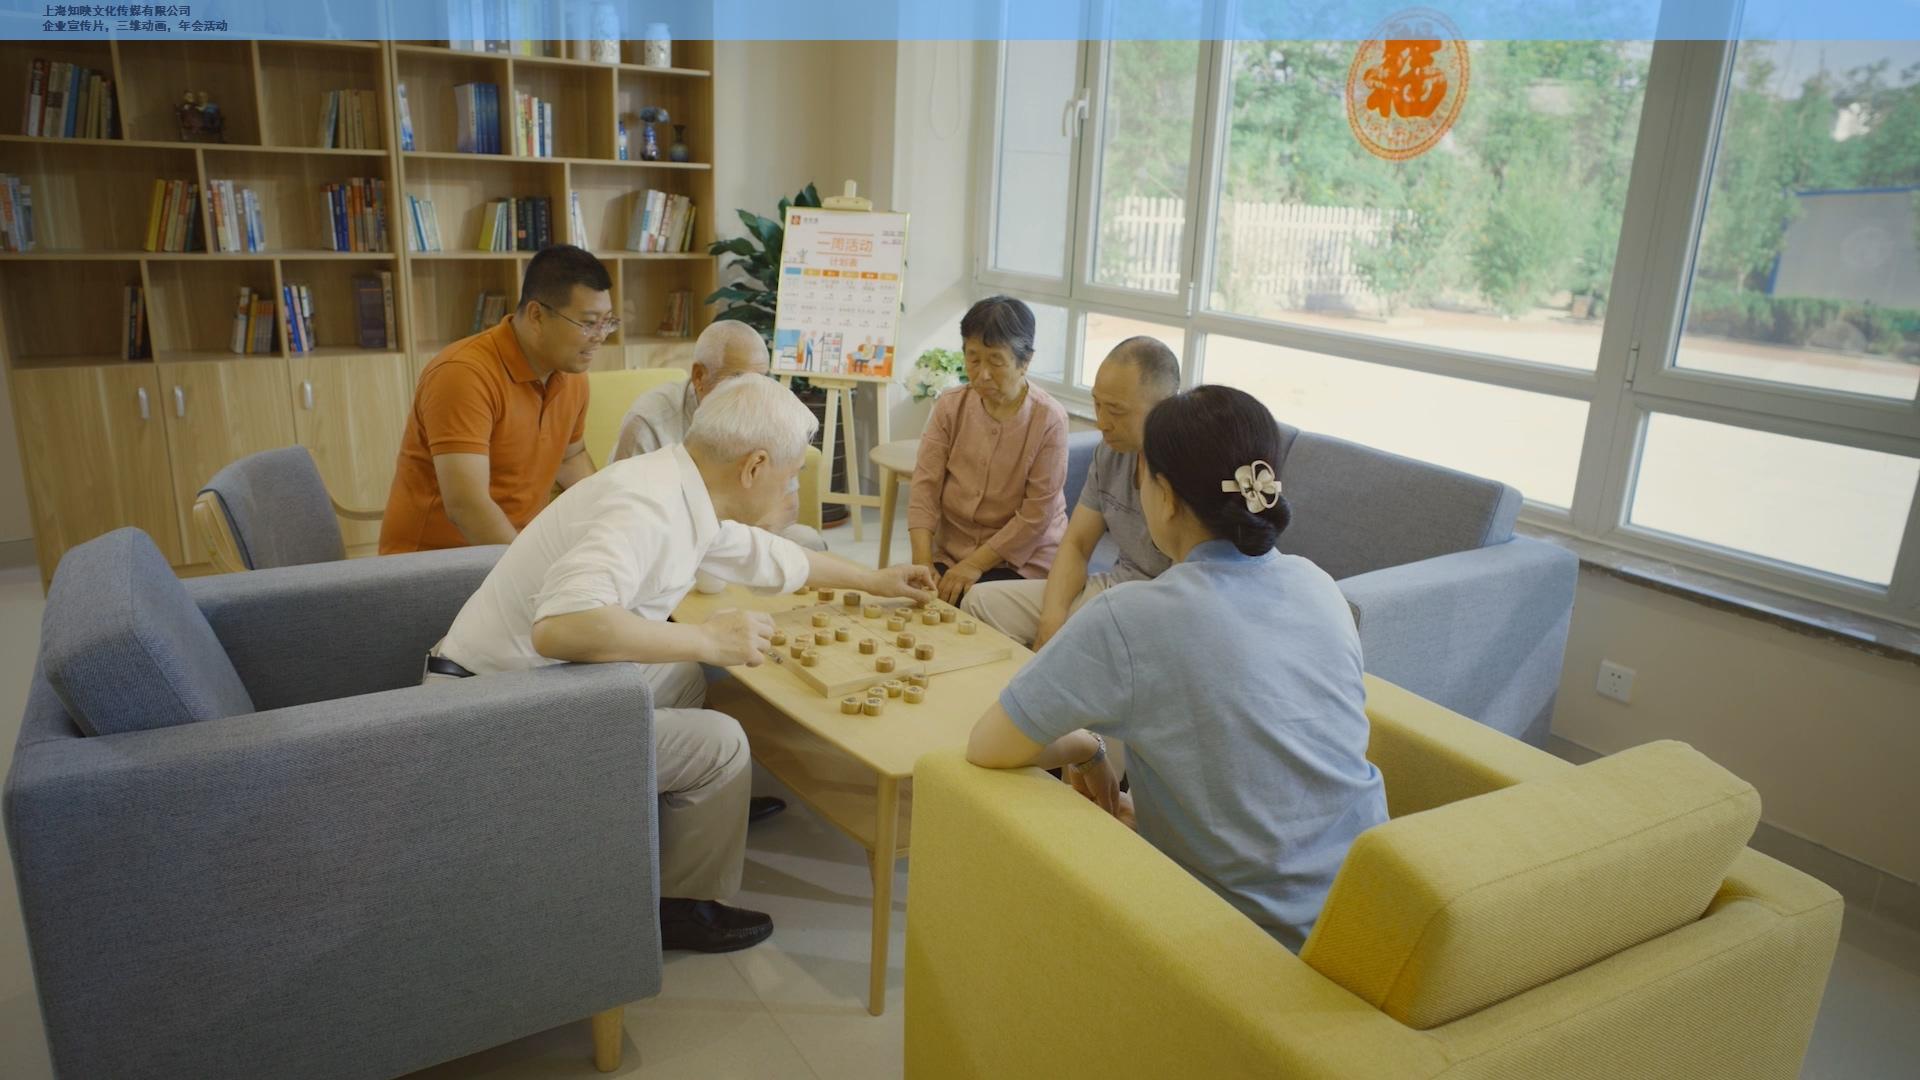 上海企業視頻制作咨詢報價 歡迎咨詢 上海知映文化傳媒供應